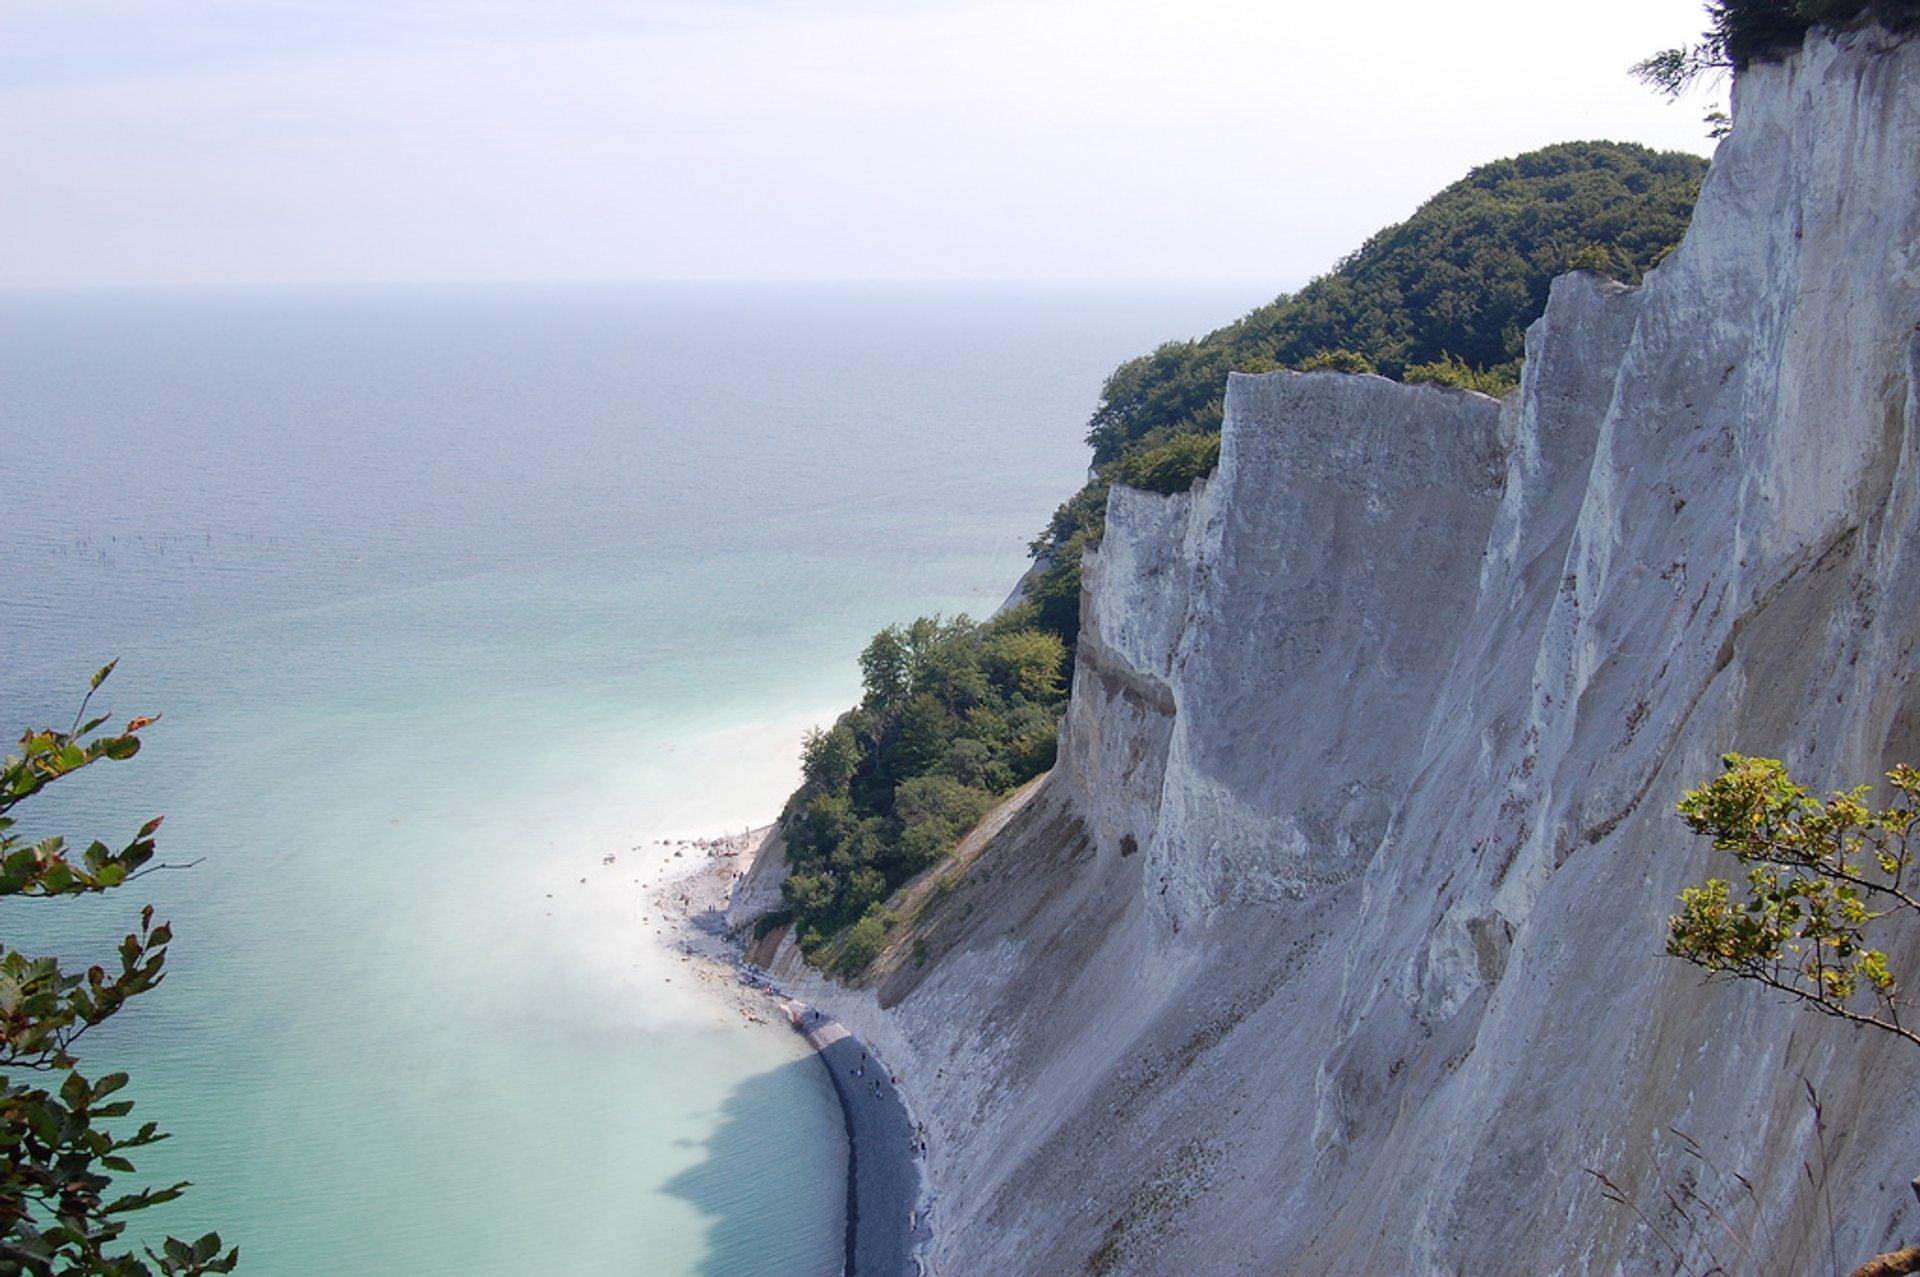 Best time for White Cliffs of Møns Klint in Denmark 2020